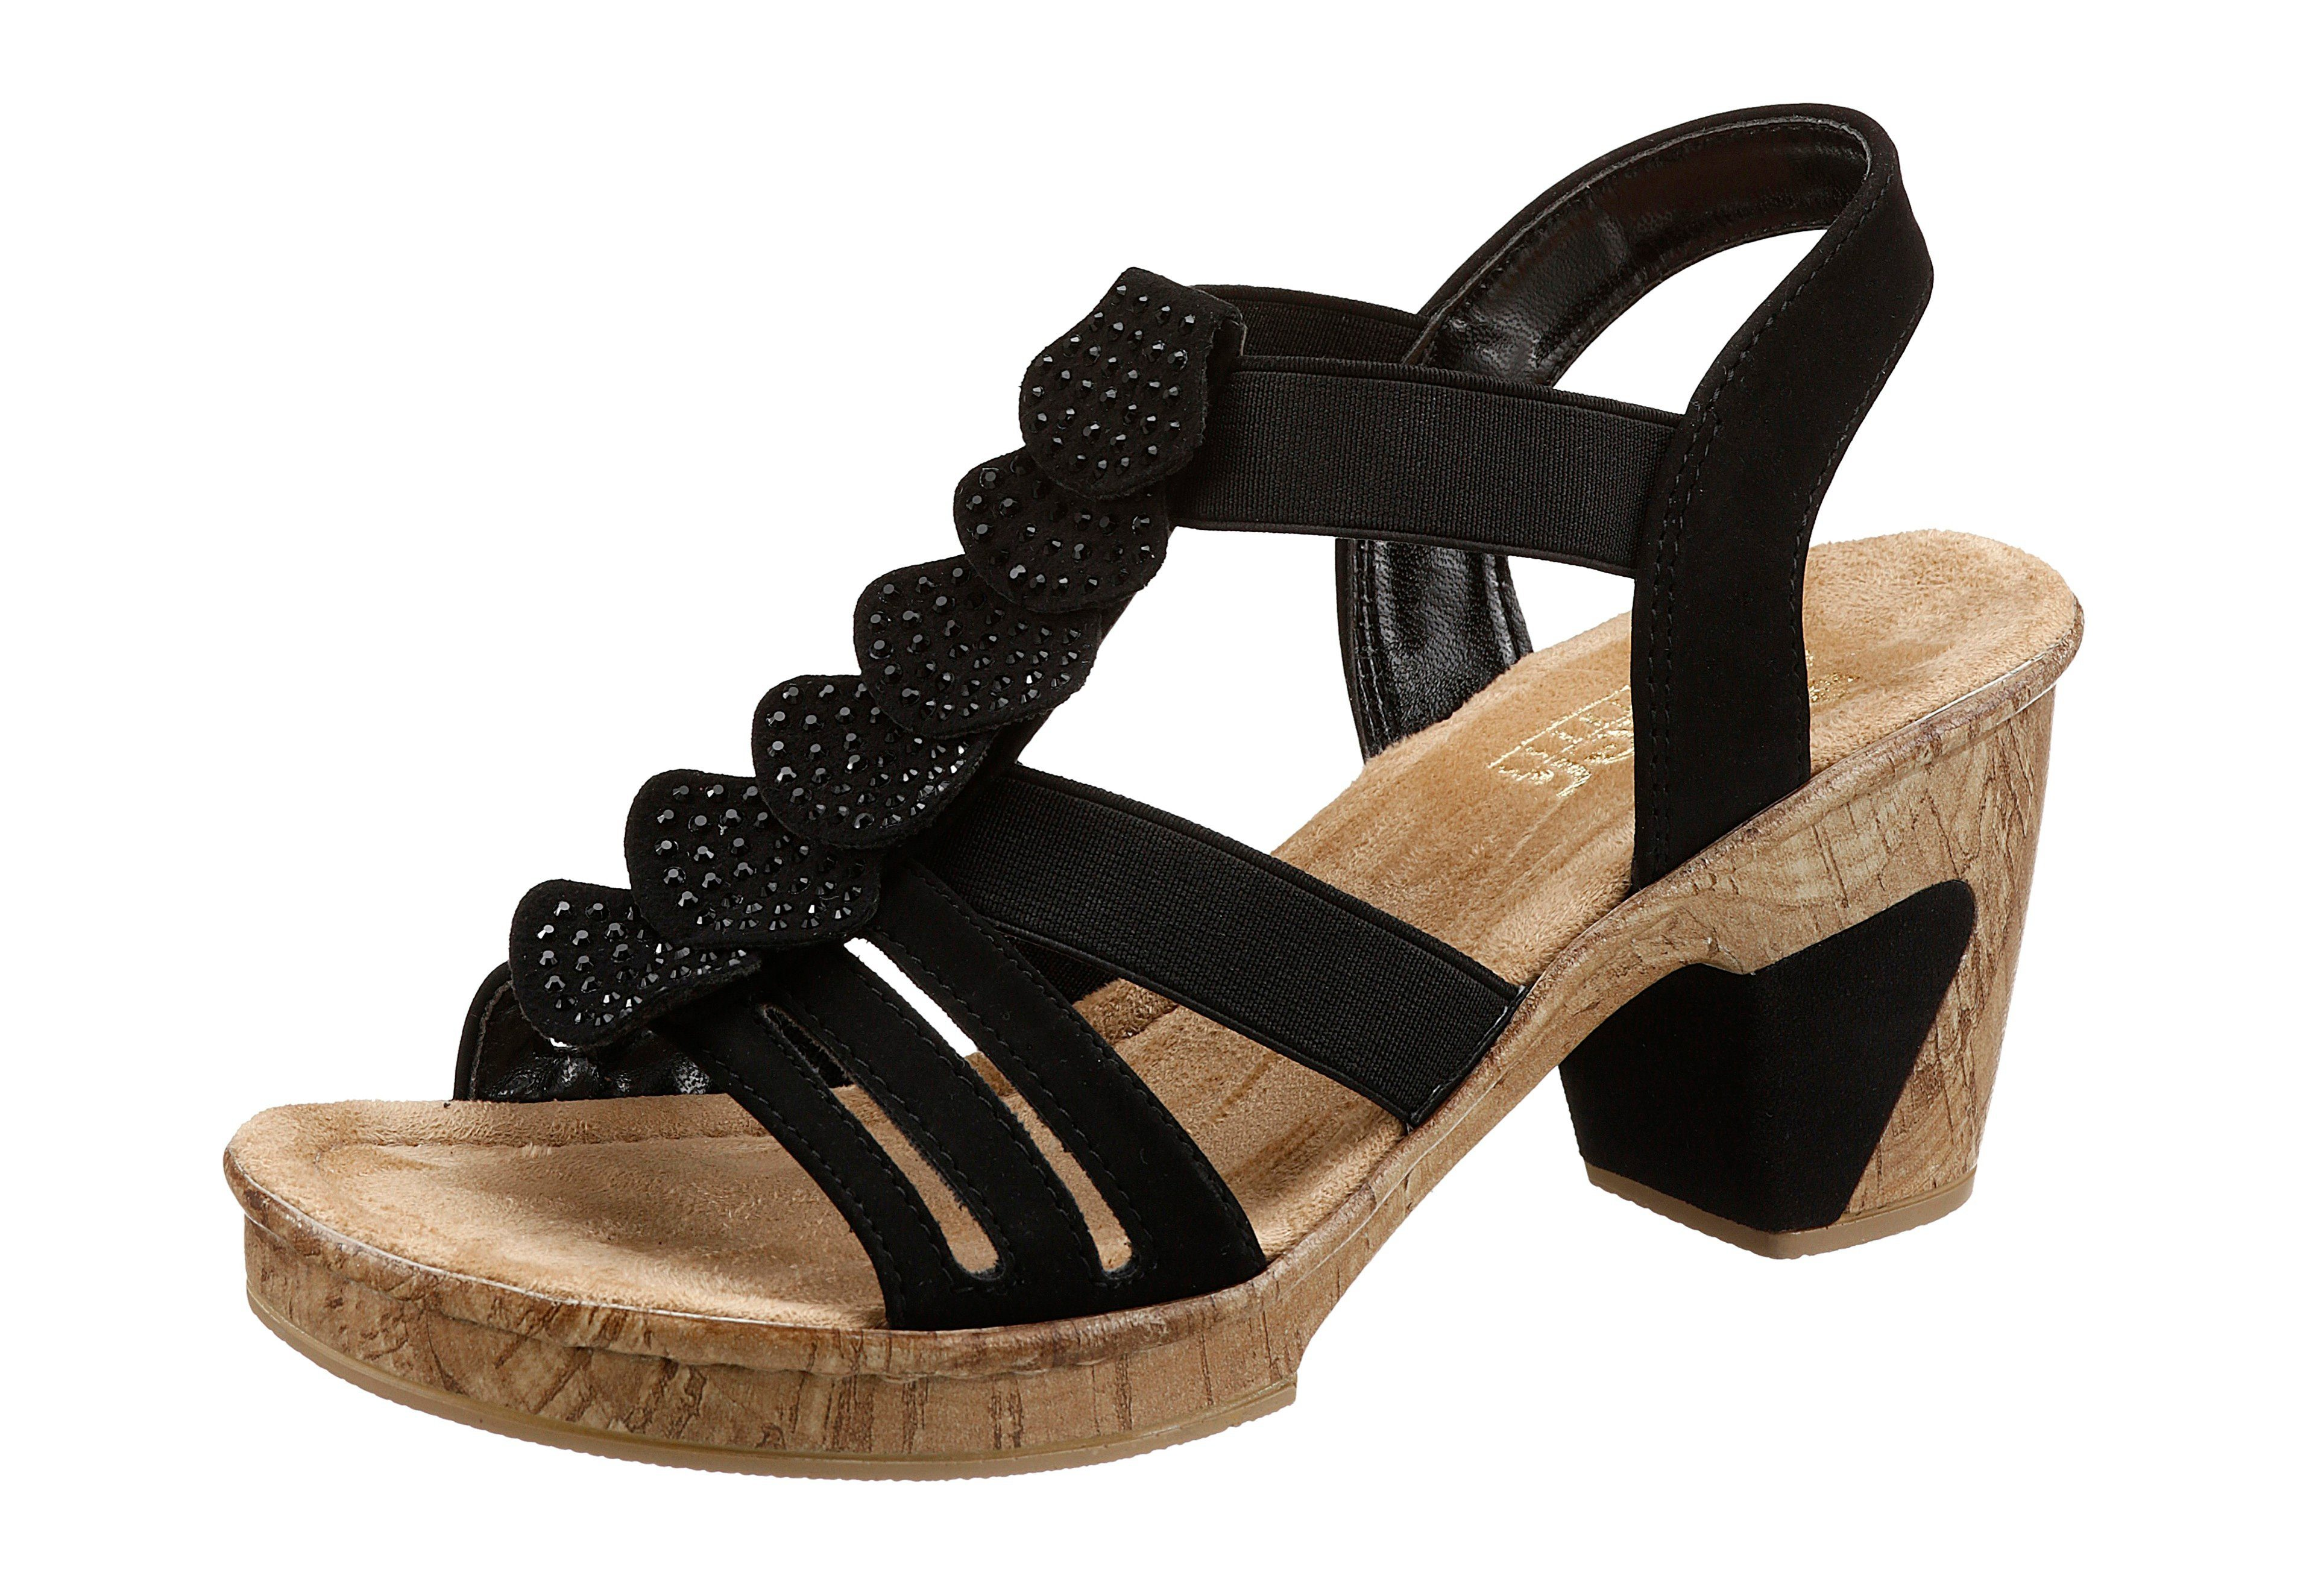 Sandales Rieker Avec Doublure En Plastique iW3rAZO